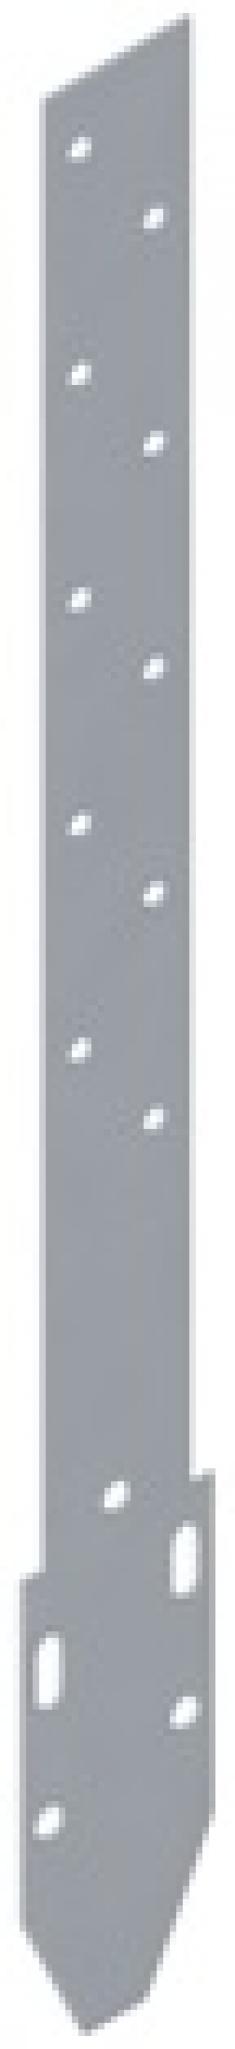 Удлинитель кронштейна Металл, цвет белый